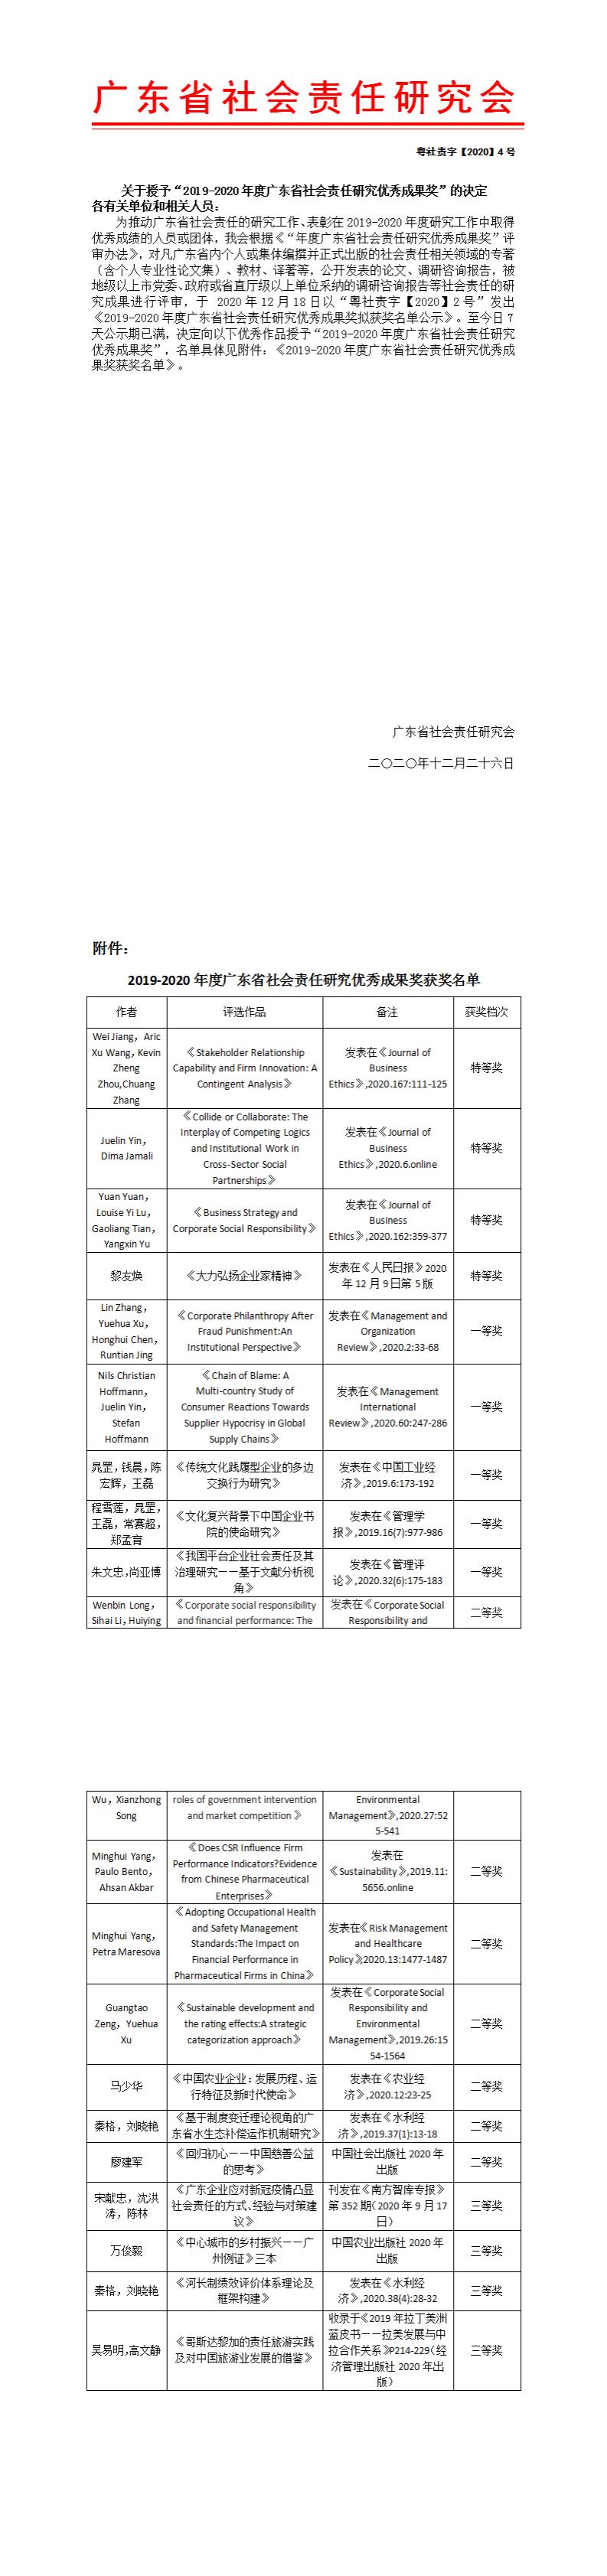 """关于授予""""2019-2020年度广东省社会责任研究优秀成果奖""""的决定"""